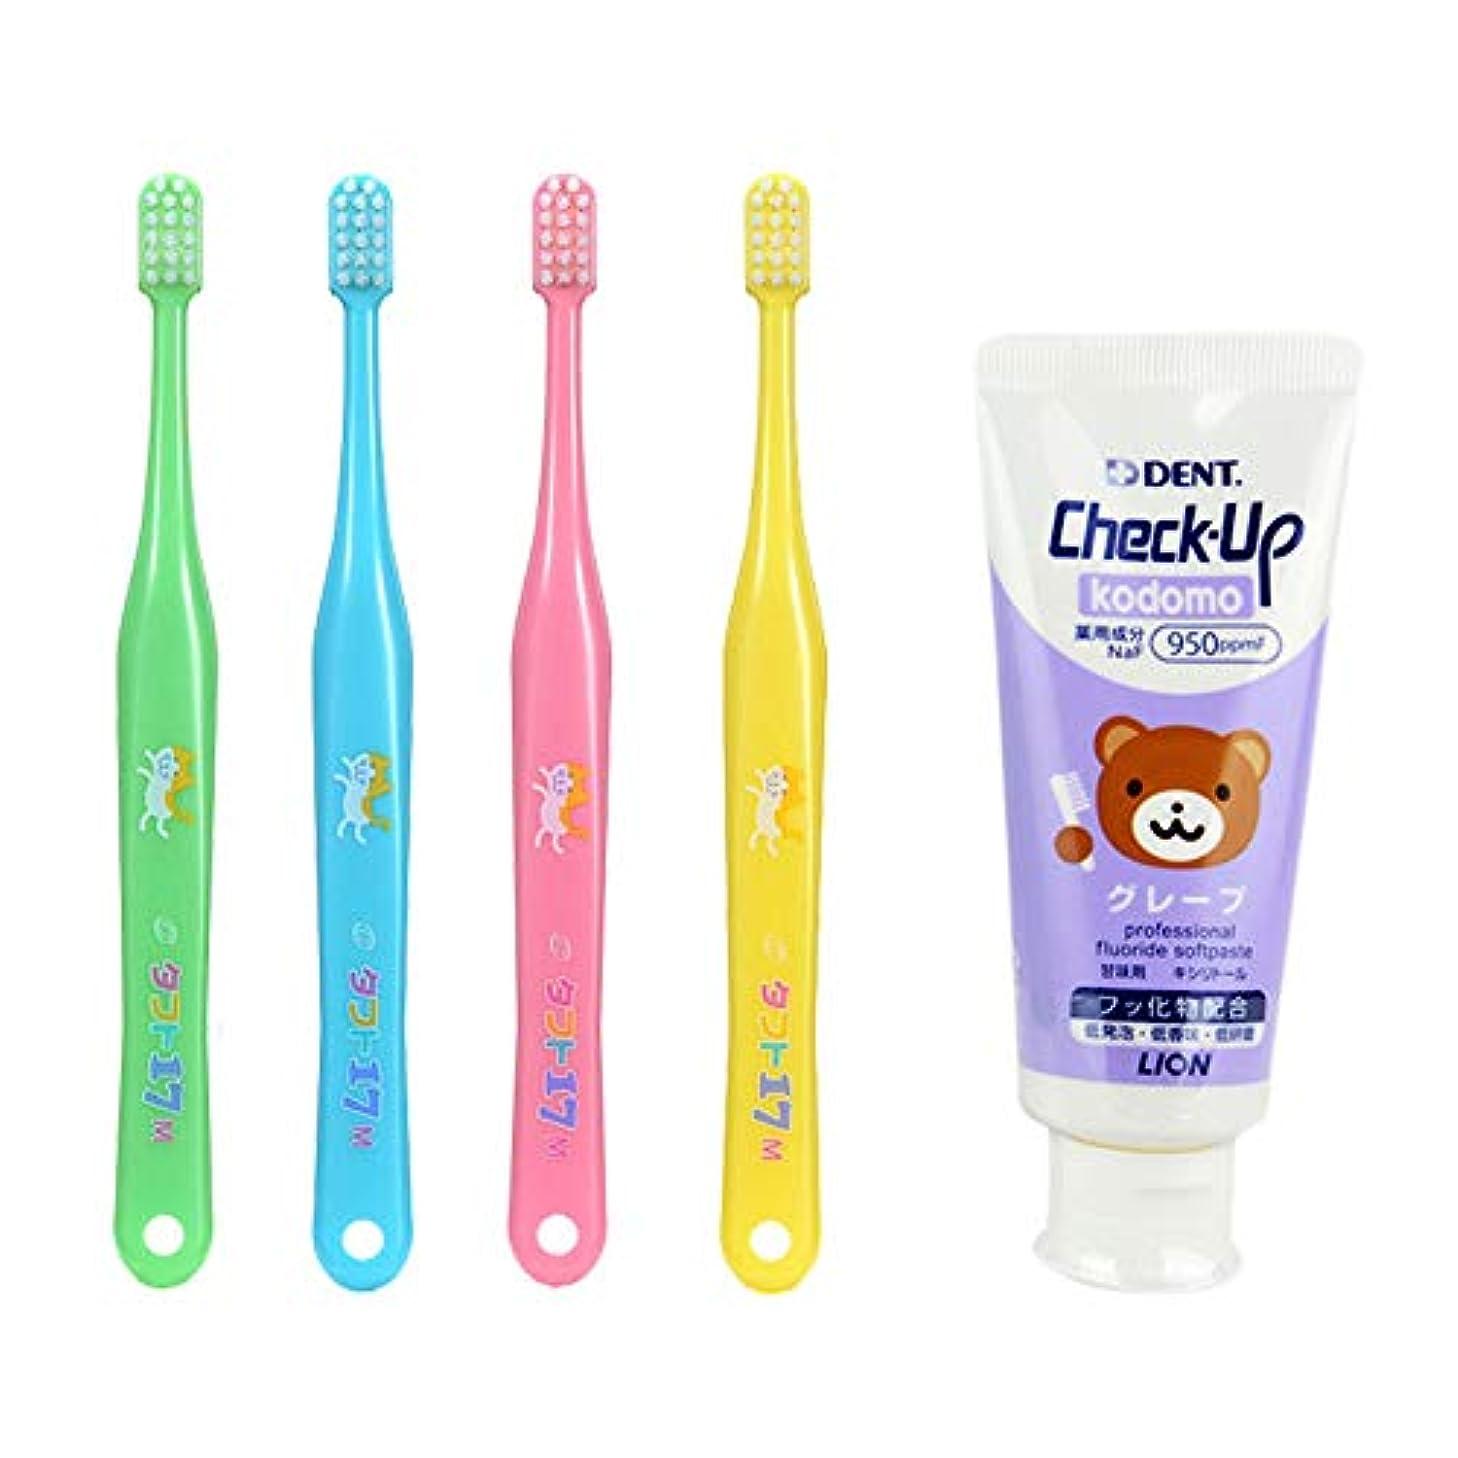 蒸留激怒無能タフト17 M(ふつう) 子ども 歯ブラシ 10本 + チェックアップ コドモ 60g (グレープ) 歯磨き粉 歯科専売品